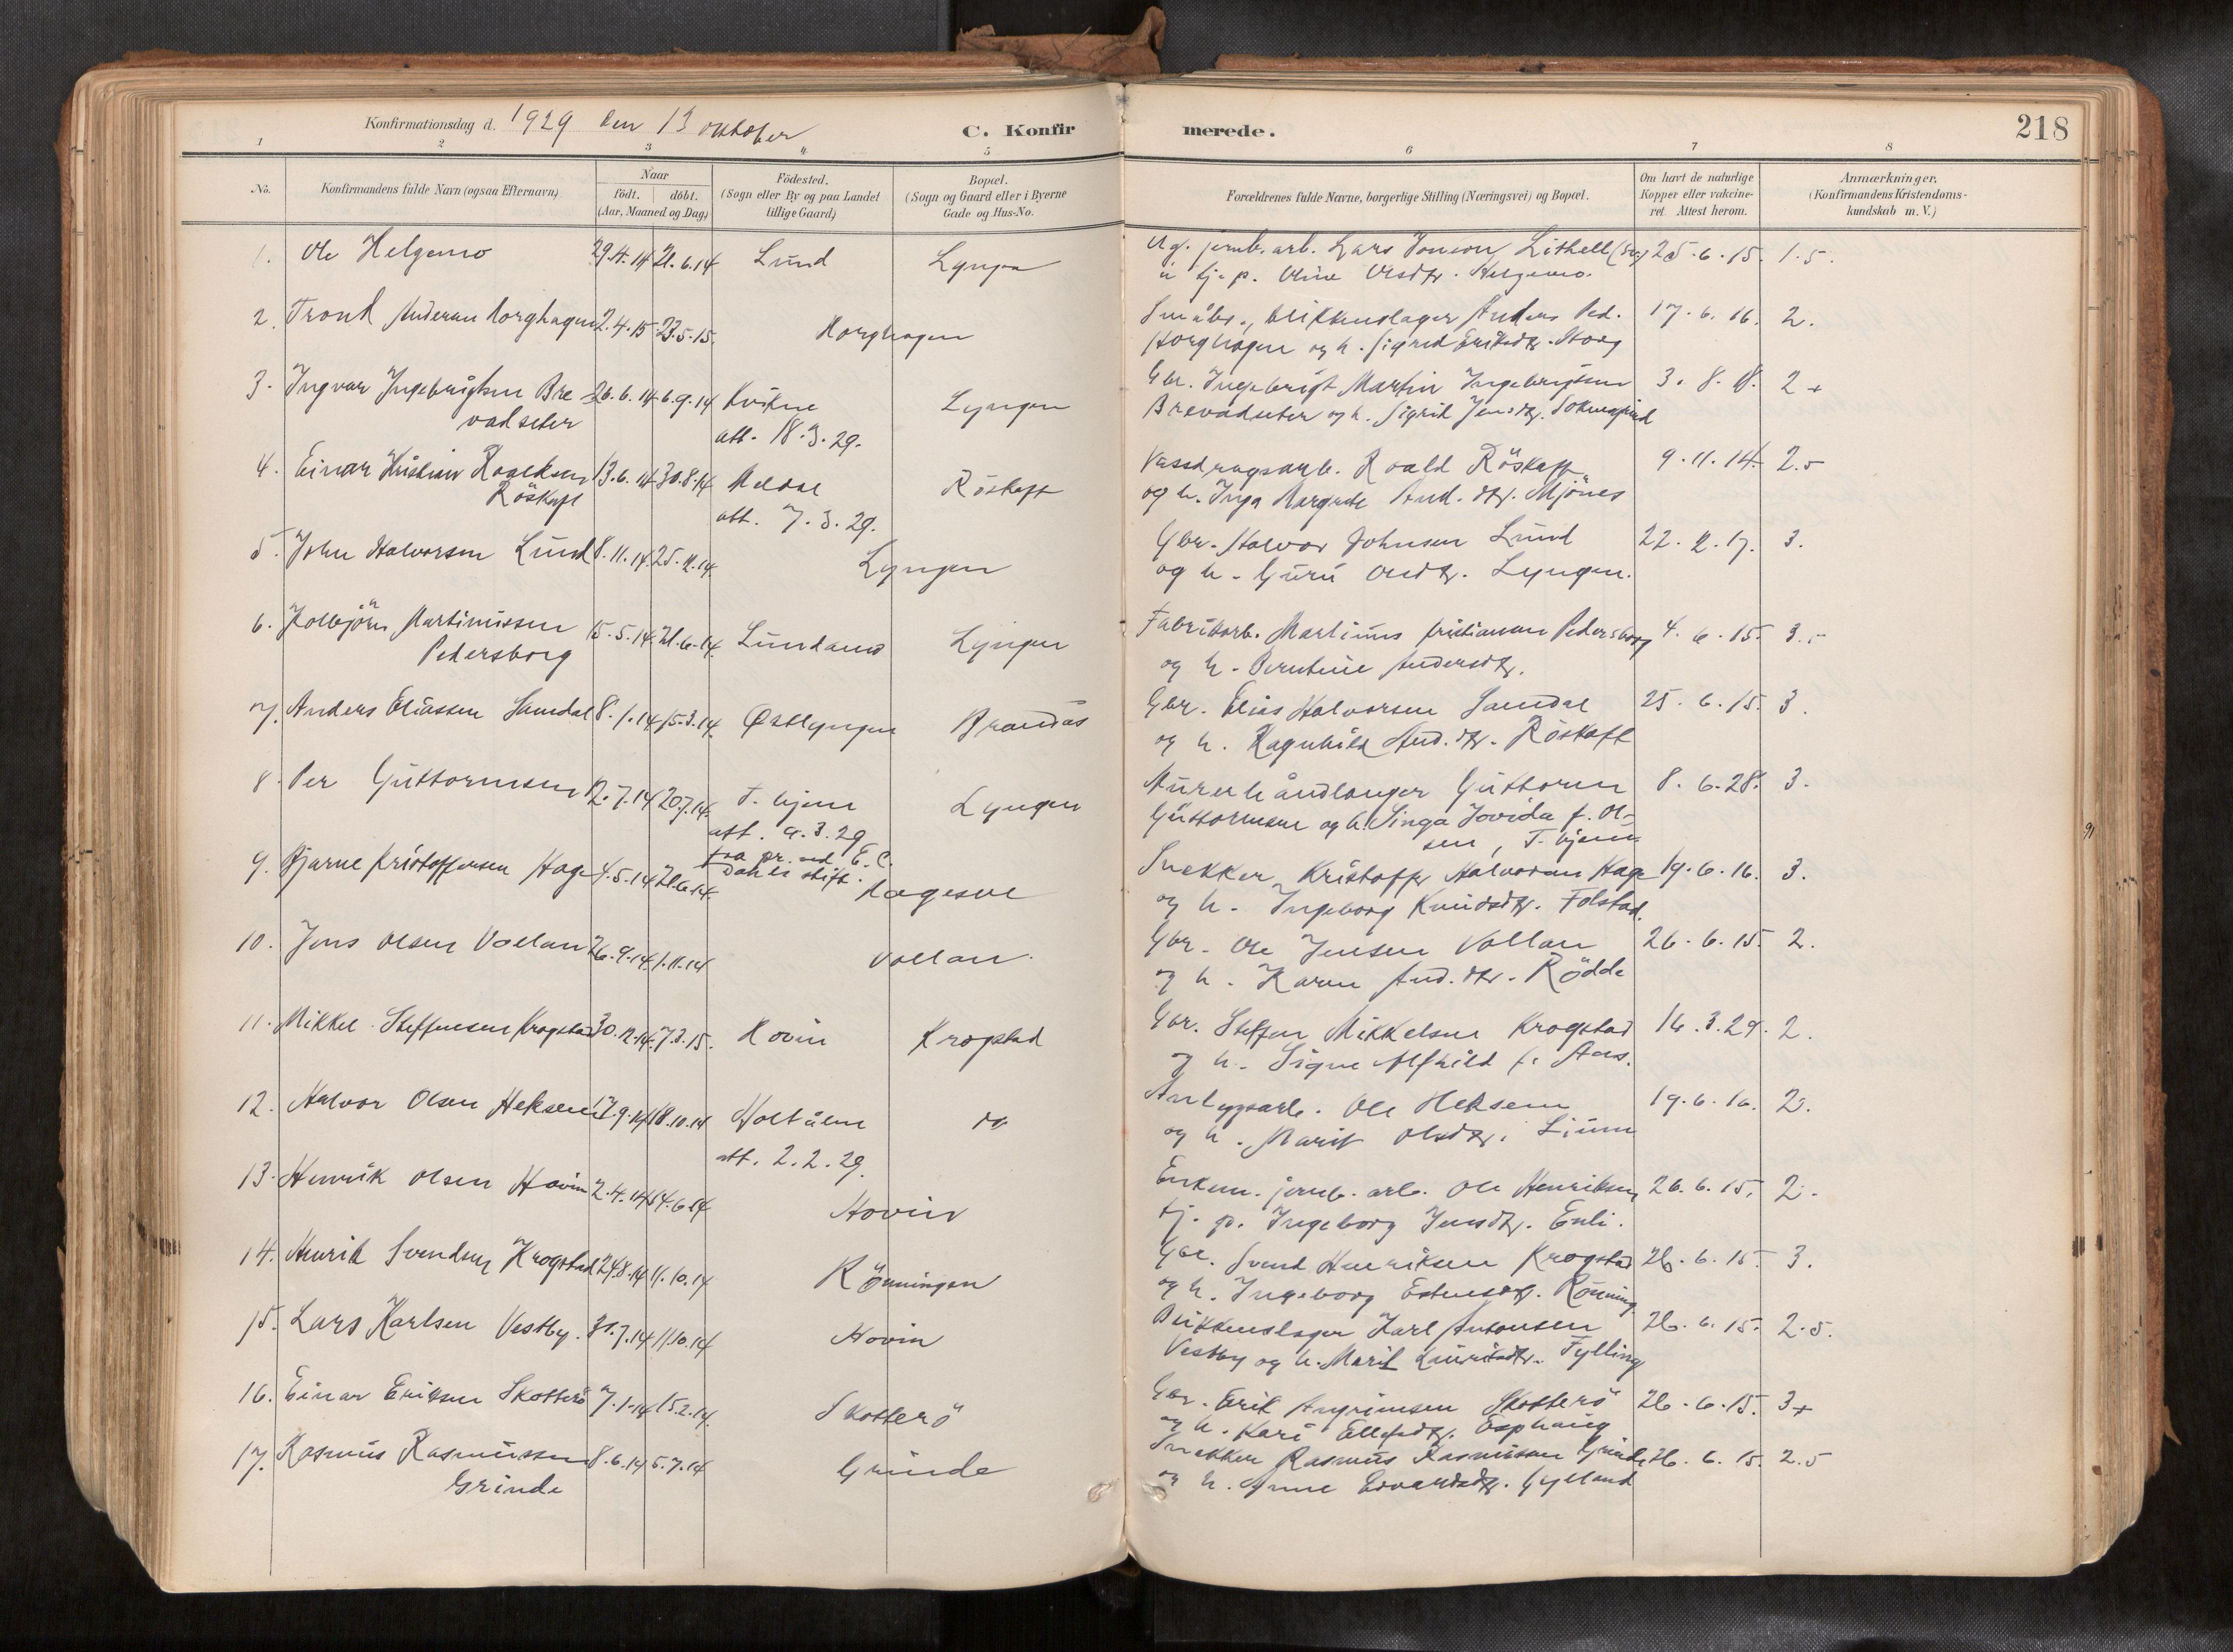 SAT, Ministerialprotokoller, klokkerbøker og fødselsregistre - Sør-Trøndelag, 692/L1105b: Ministerialbok nr. 692A06, 1891-1934, s. 218